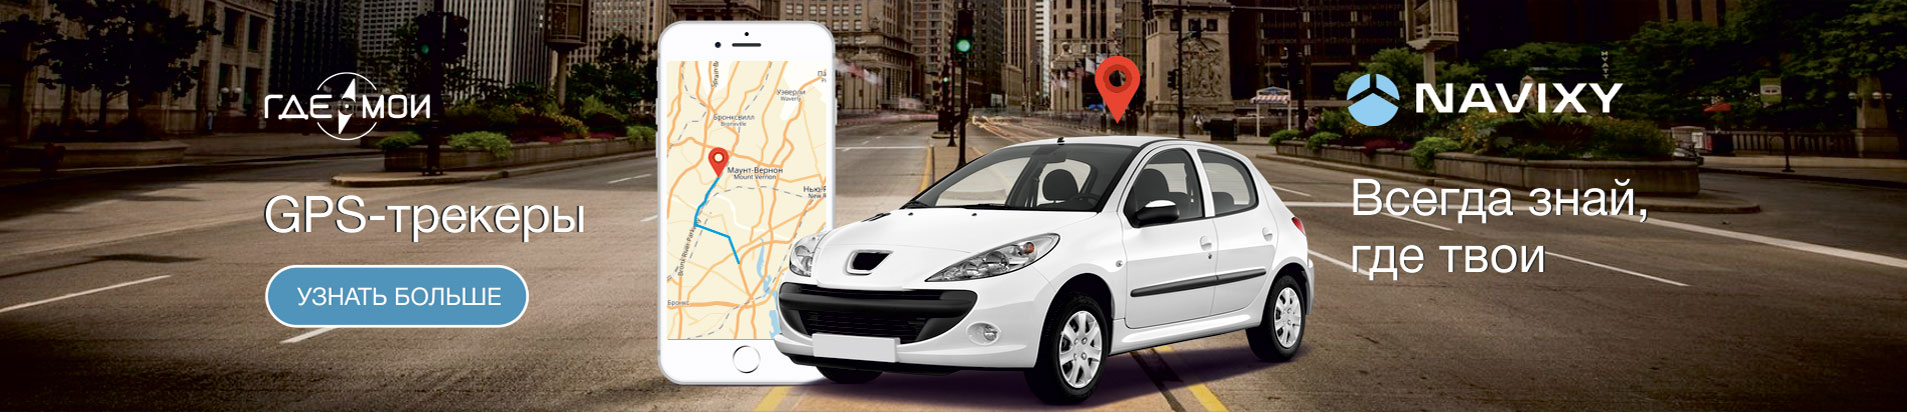 GPS трекеры ГДЕ МОИ